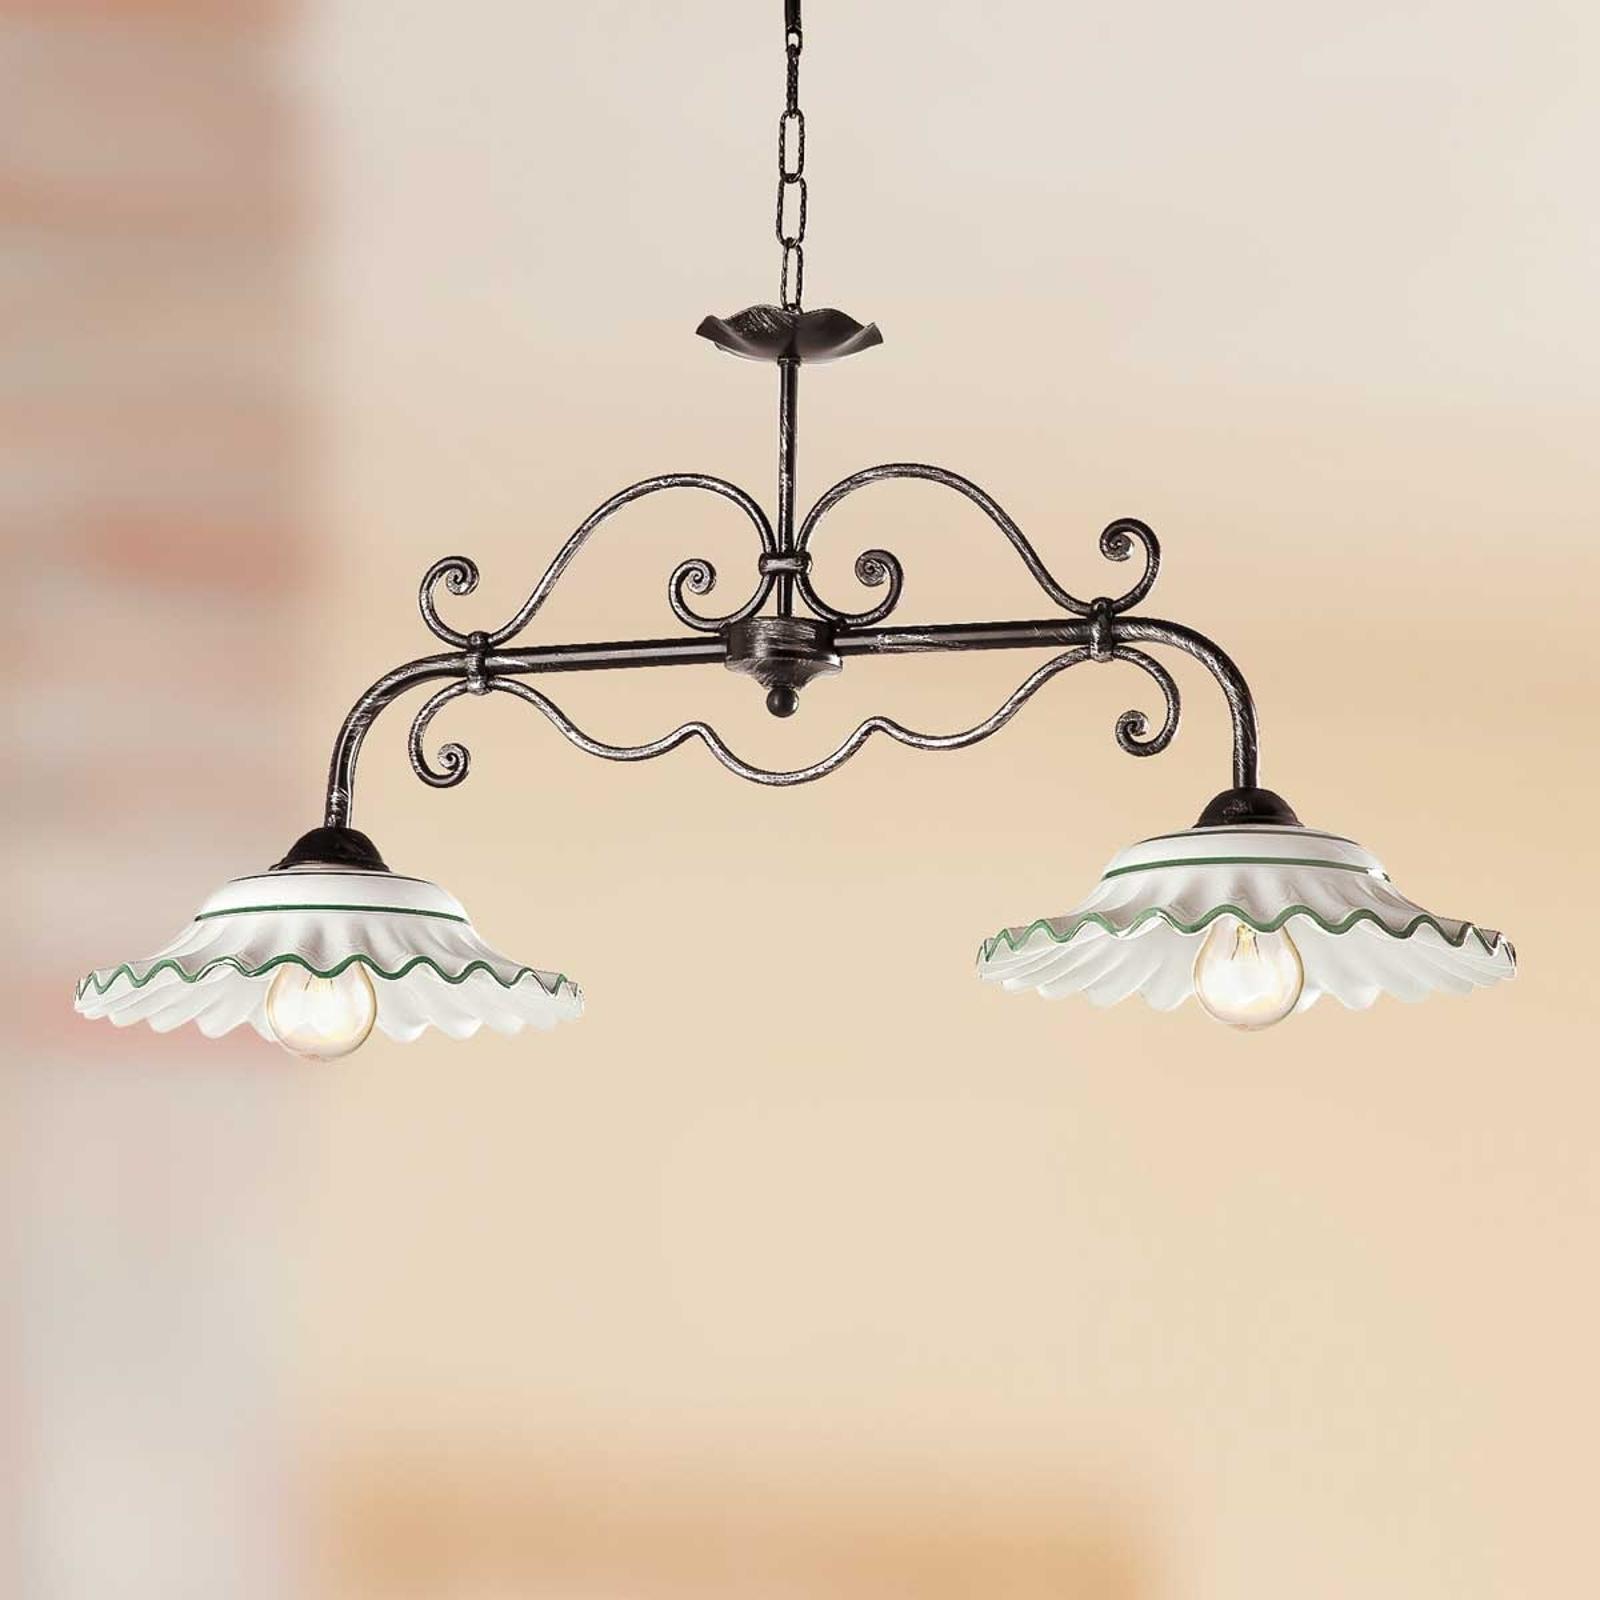 Ravissante suspension I BILIARDI à 2 lampes